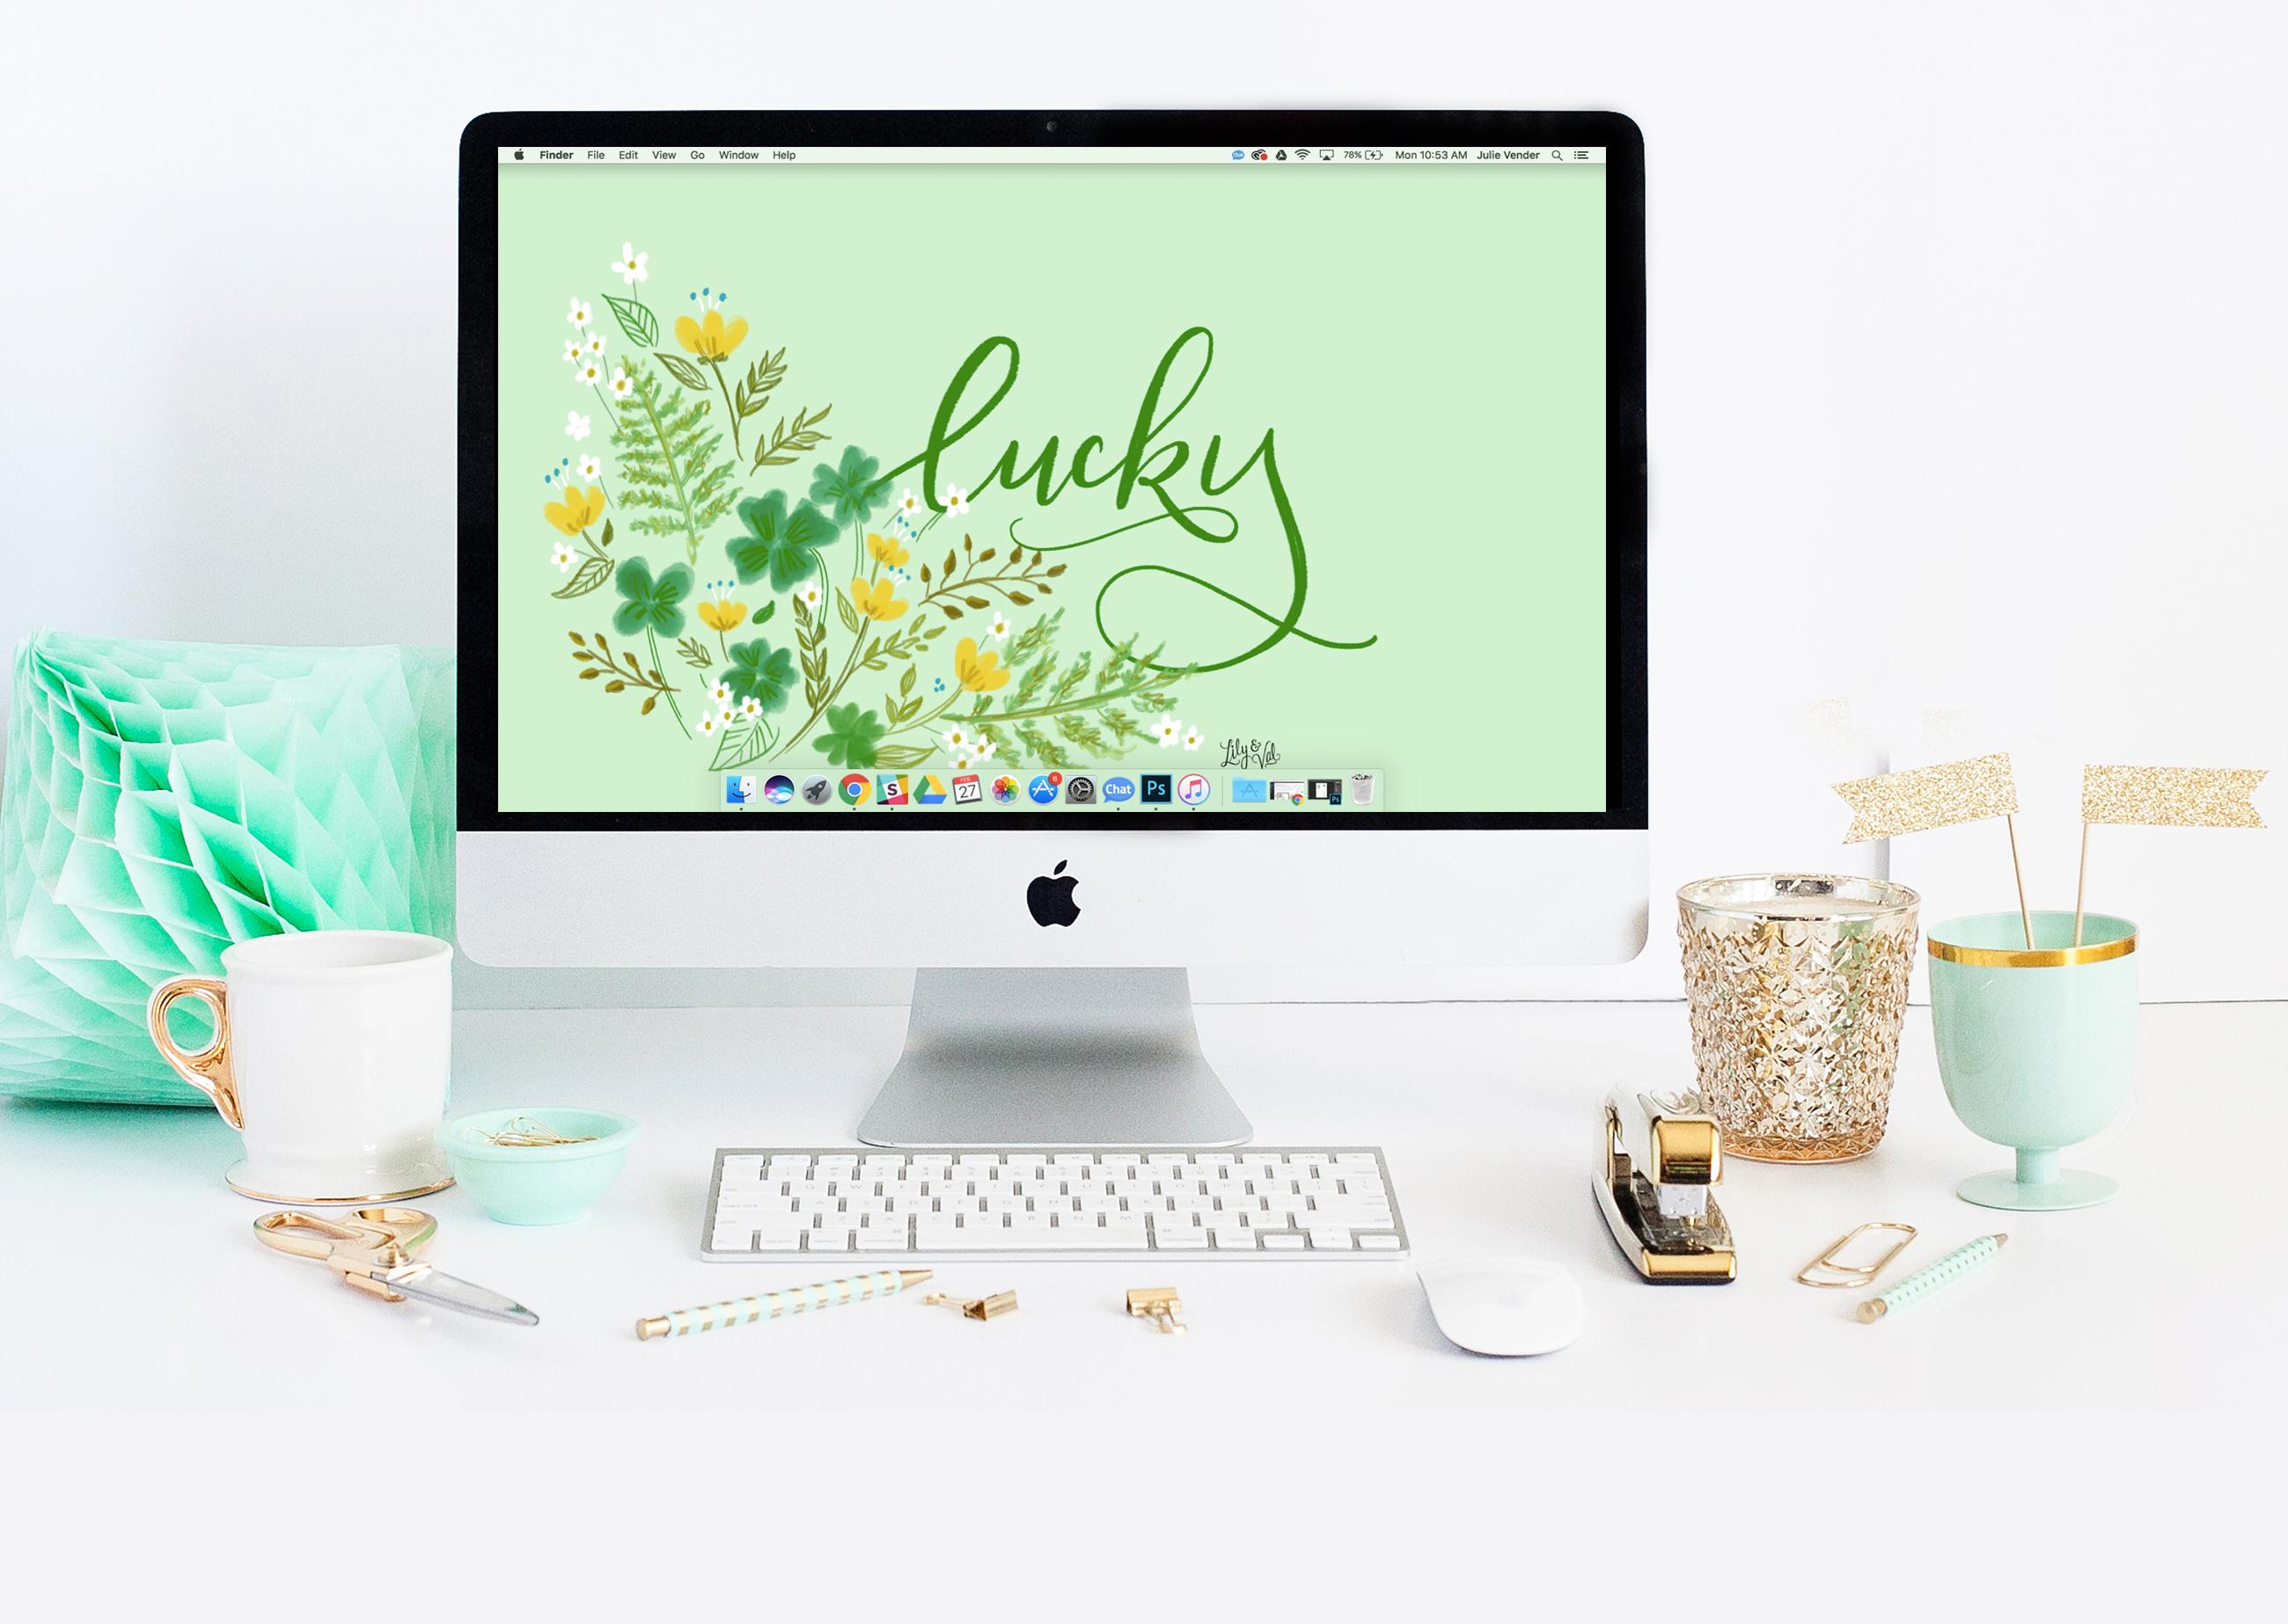 free wallpaper download - shamrocks & luck